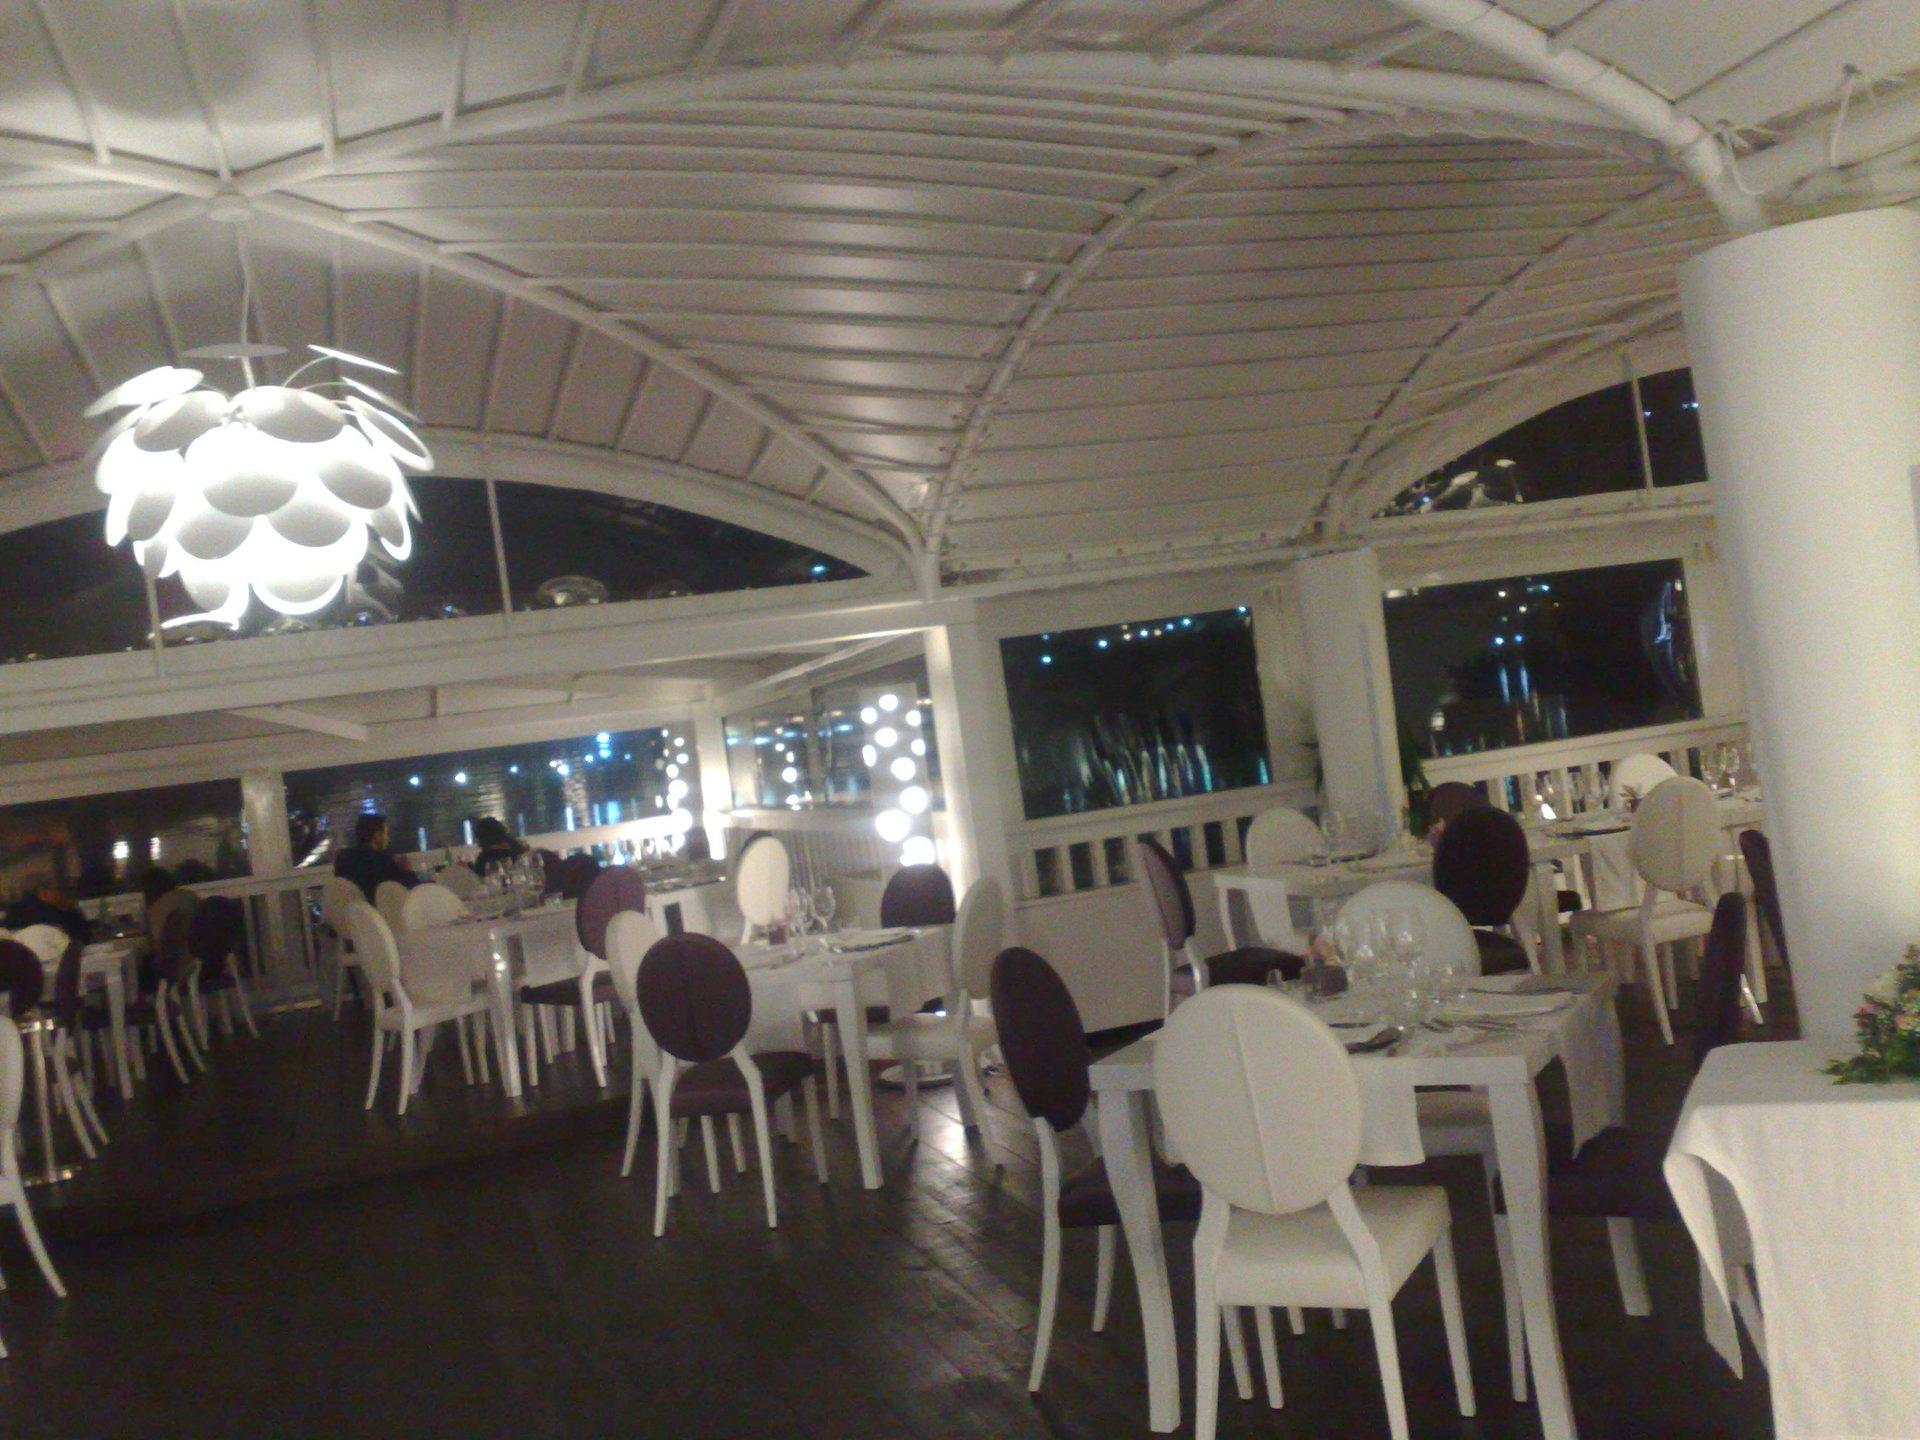 tavoli di un ristorante all'interno di un gazebo